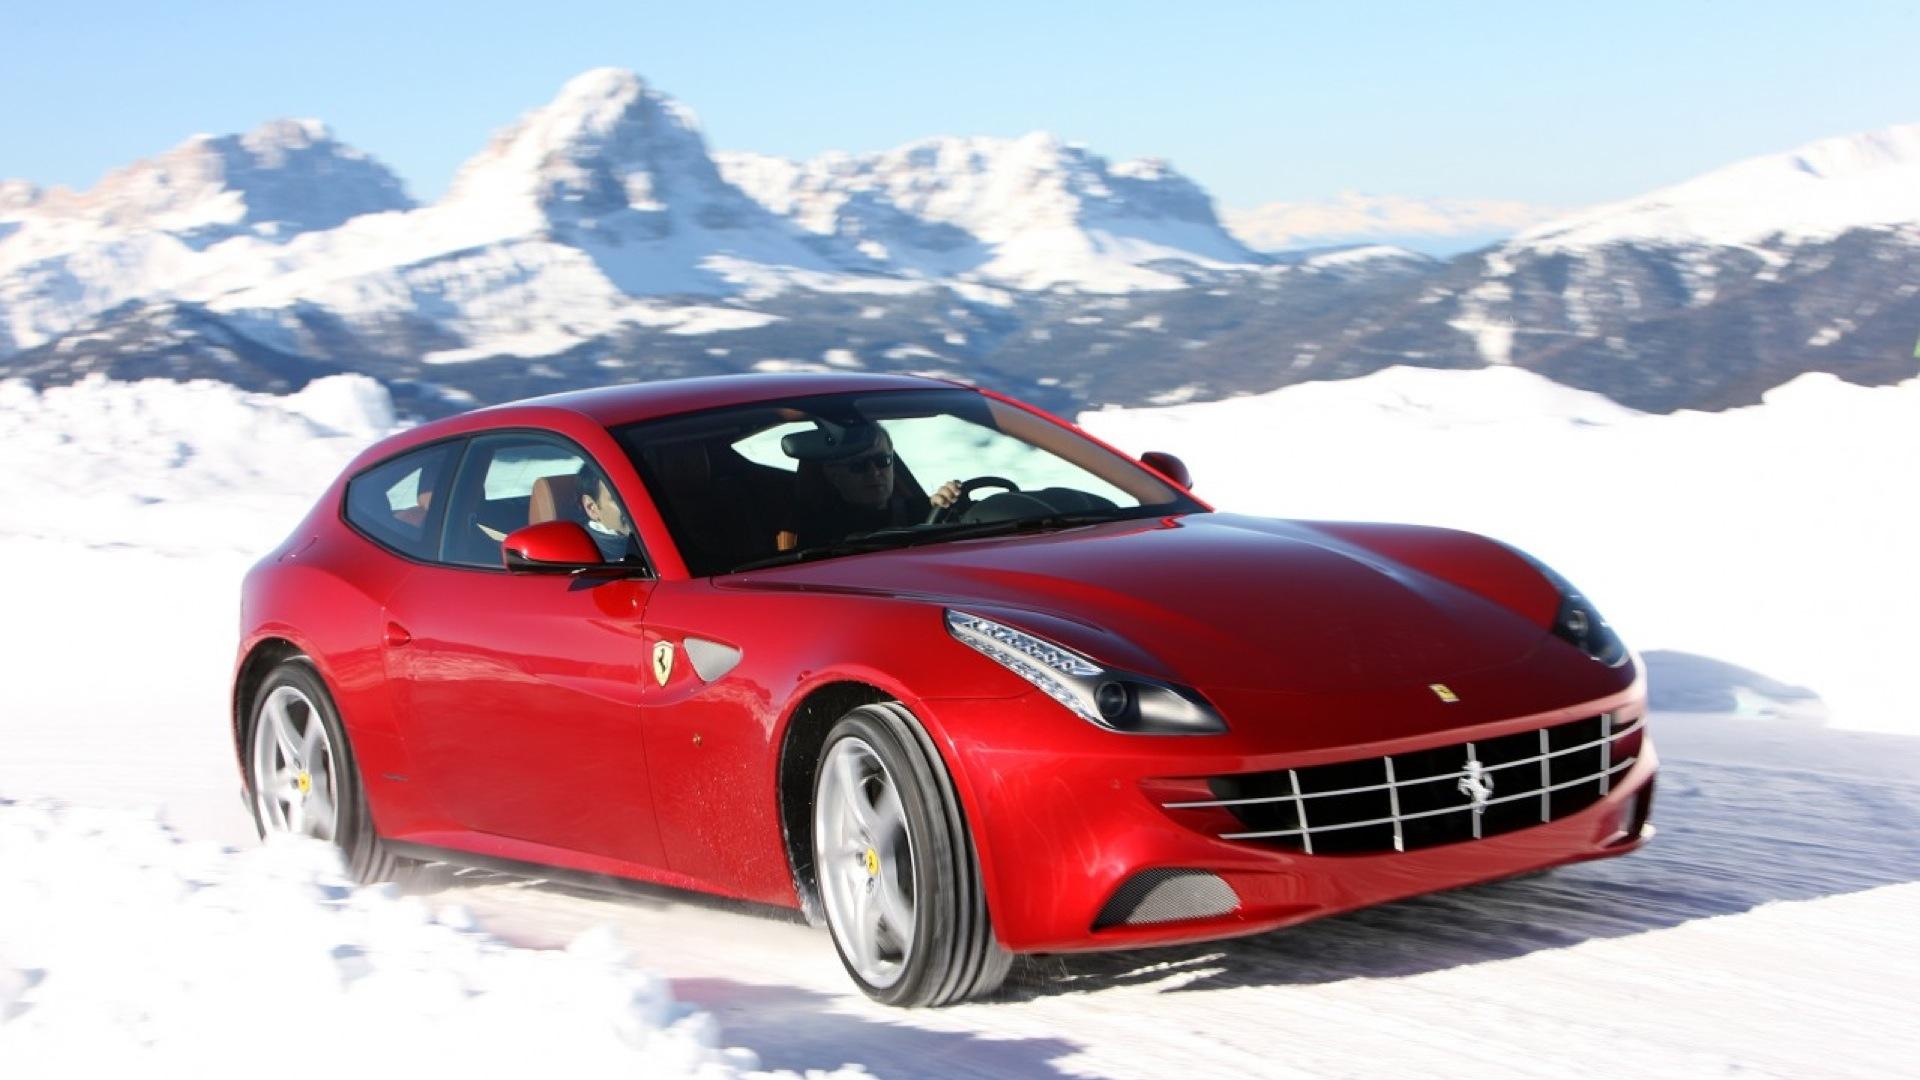 Ferrari FF 2013 STD